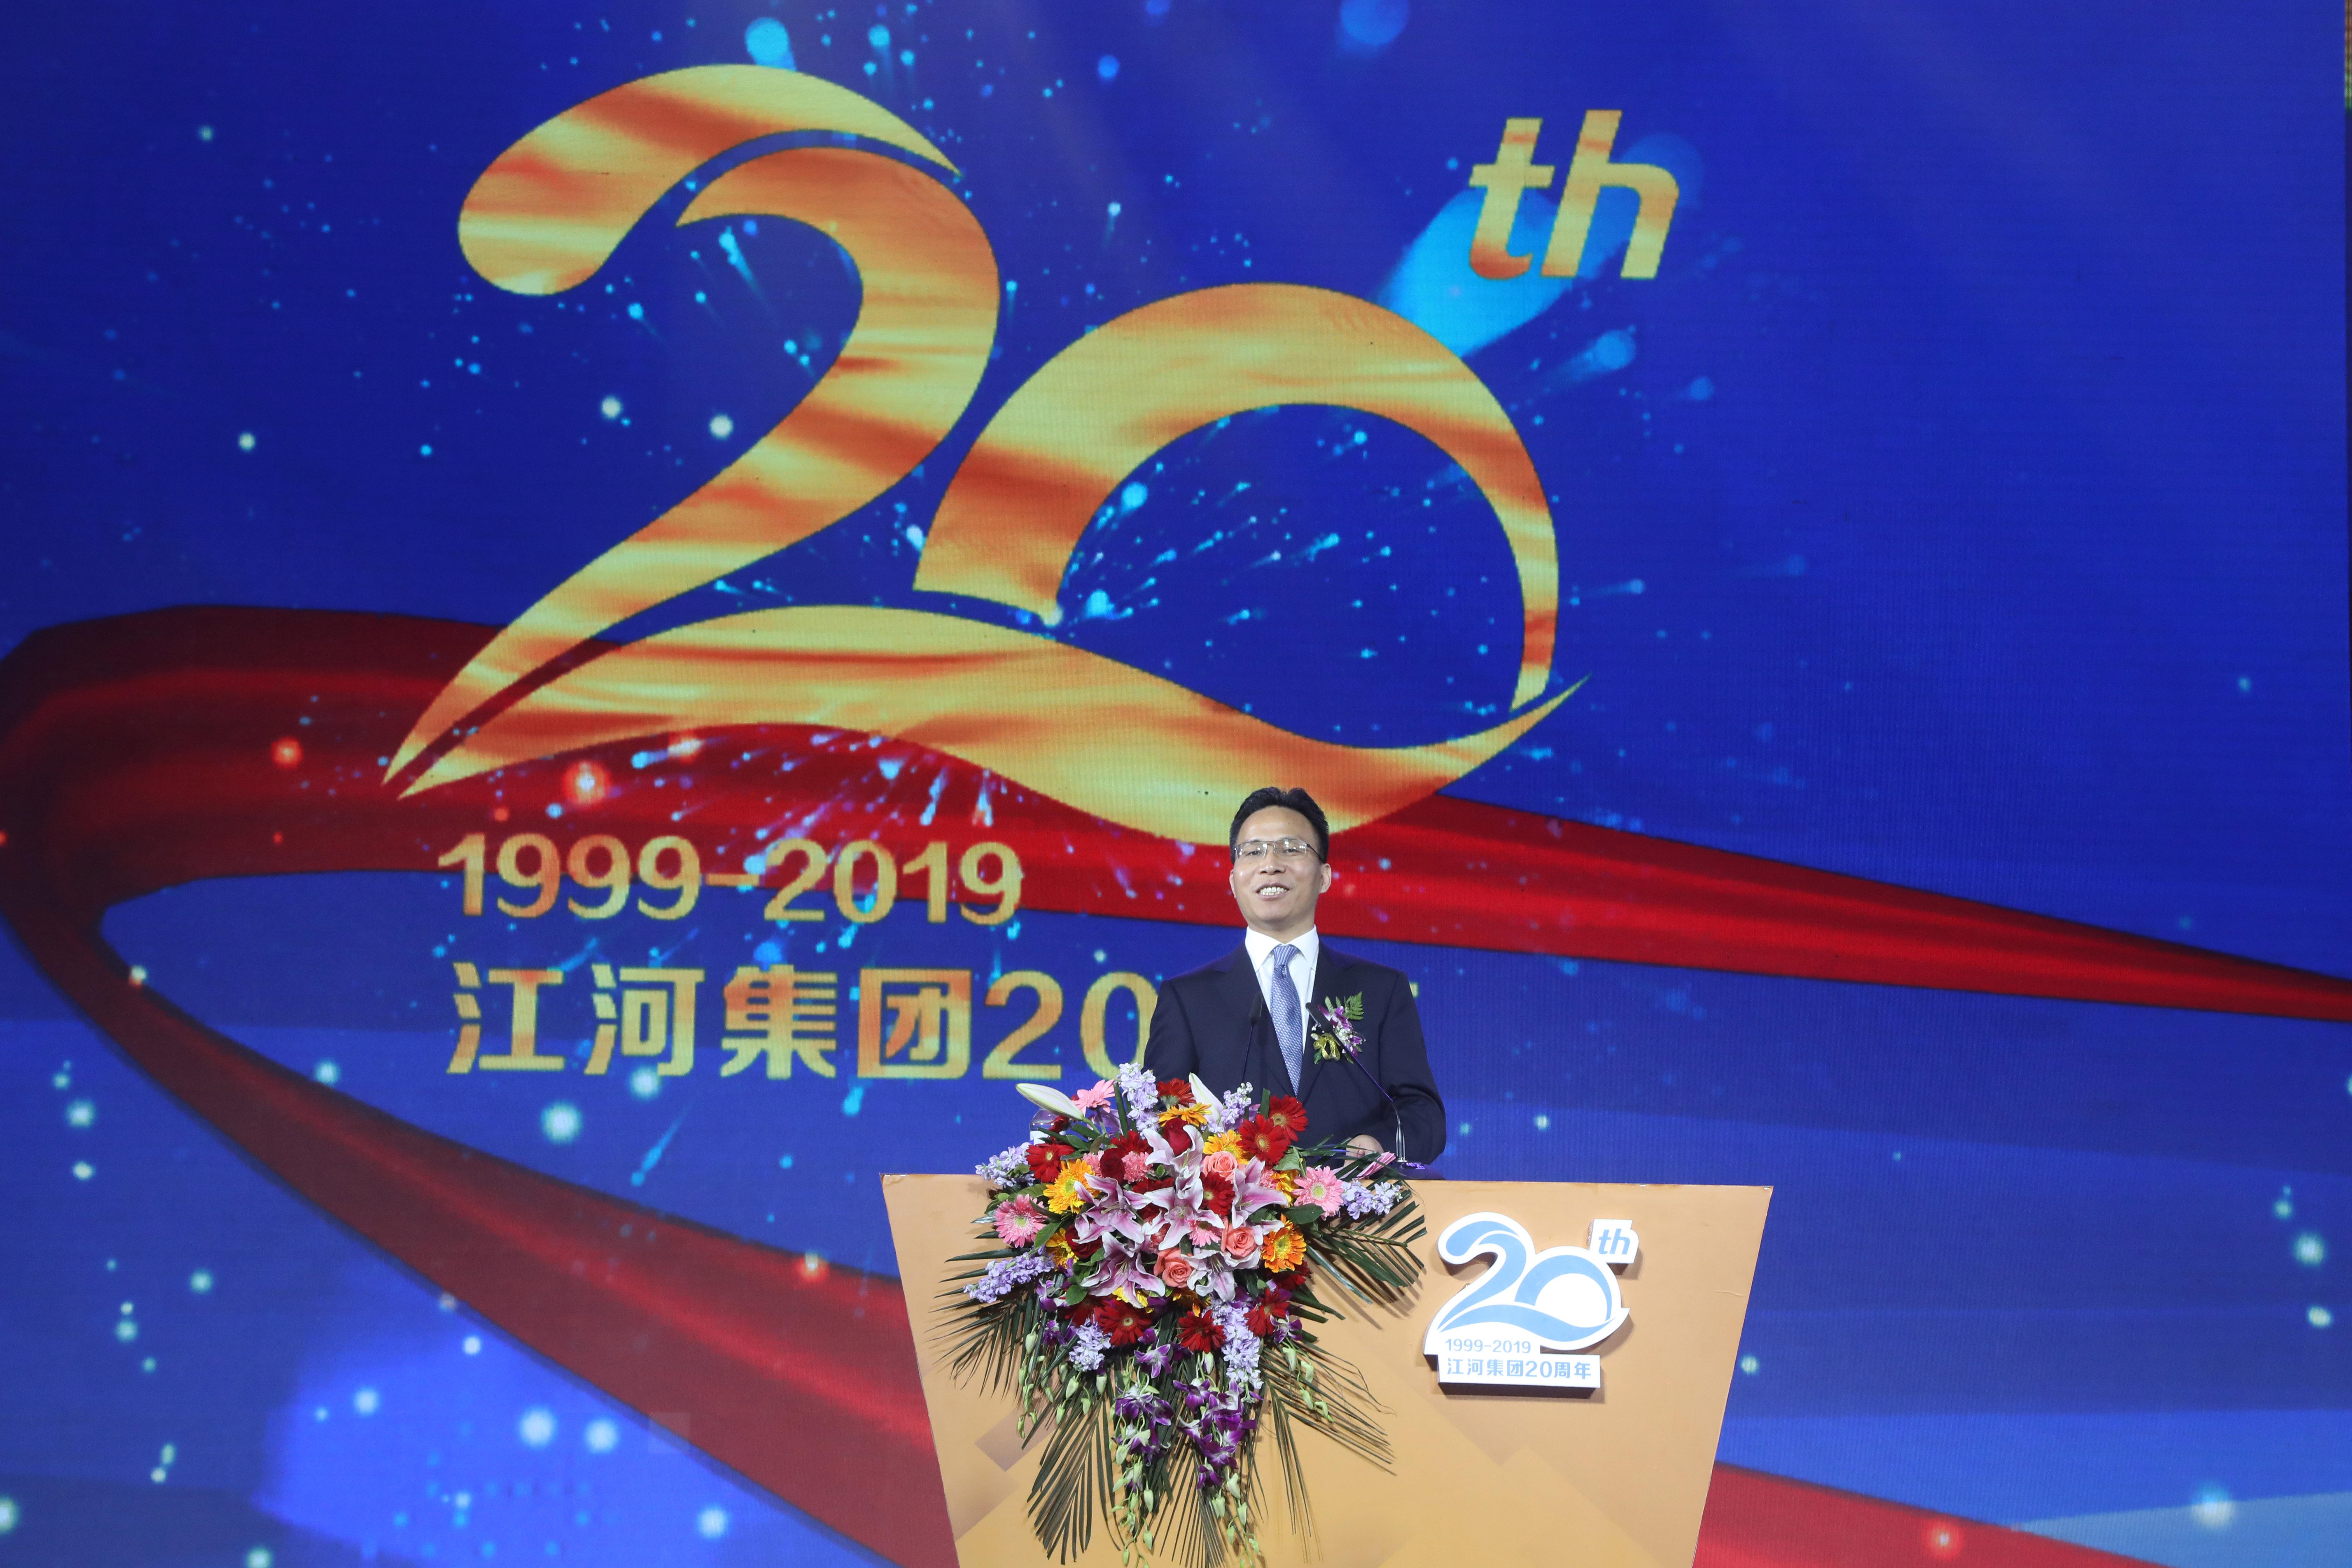 坚定信心 积极进取 明天会更好——刘载望董事长在2019江河嘉年华上的讲话